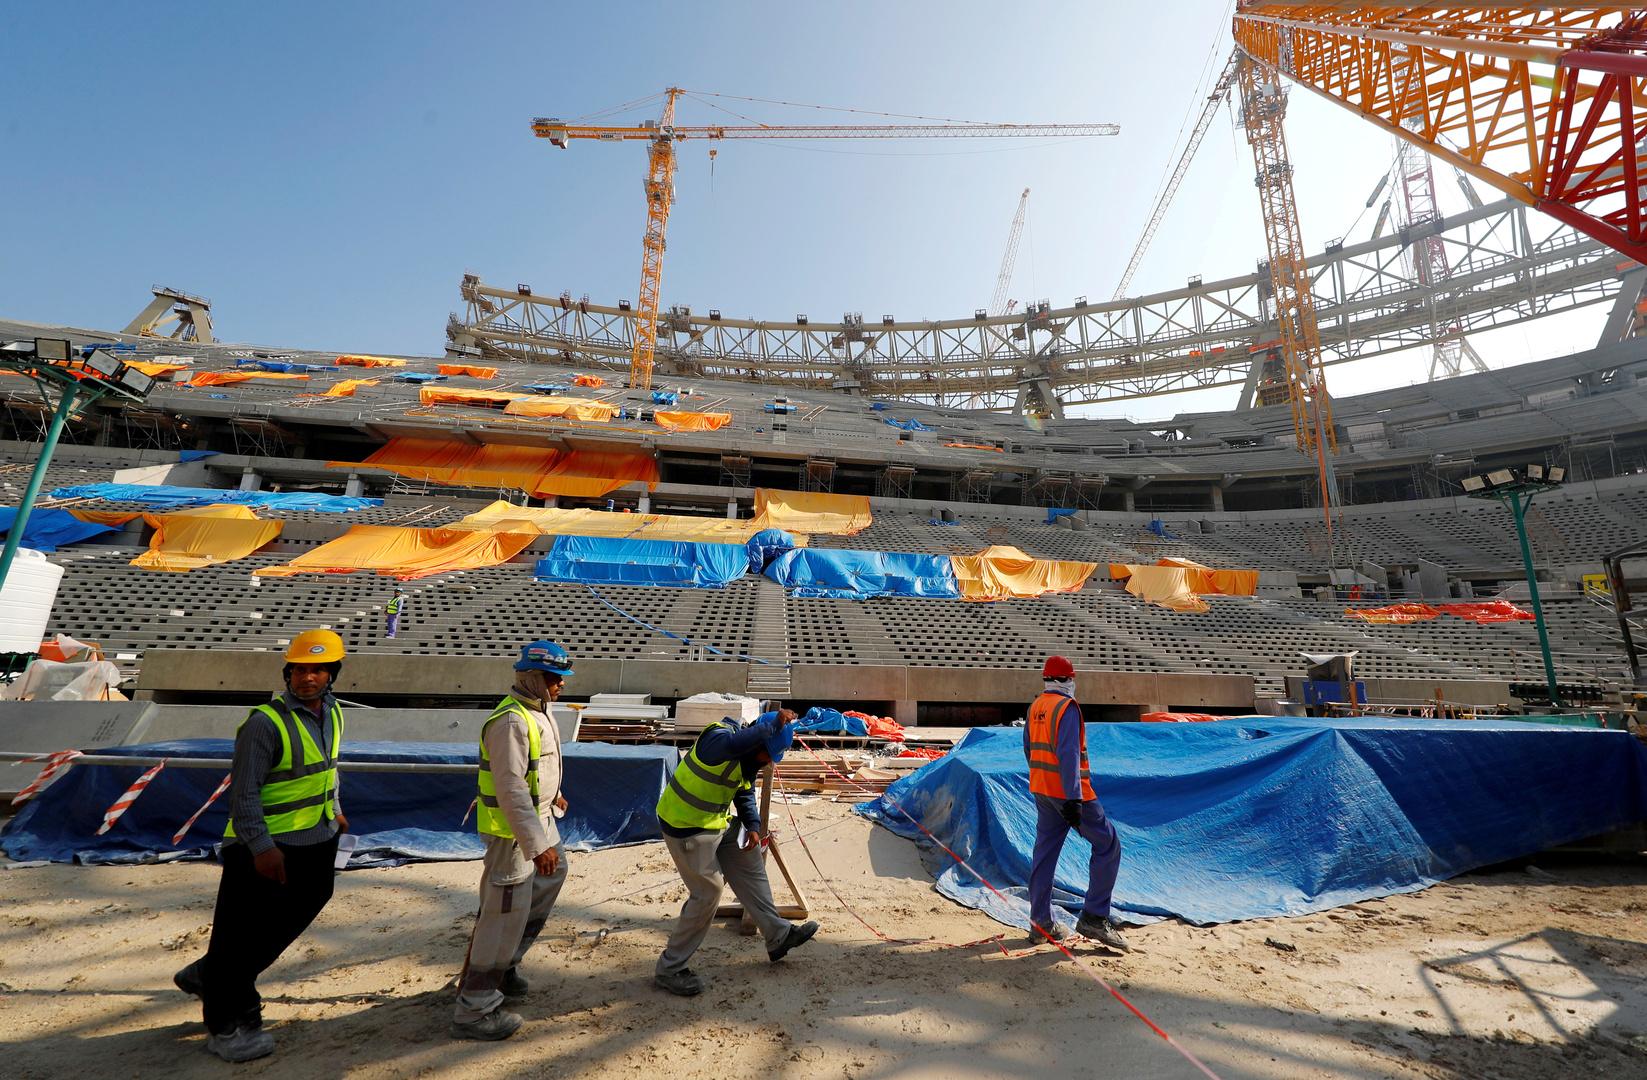 ملعب لوسيل قيد الإنشاء لكأس العالم لكرة القدم 2022/ الدوحة